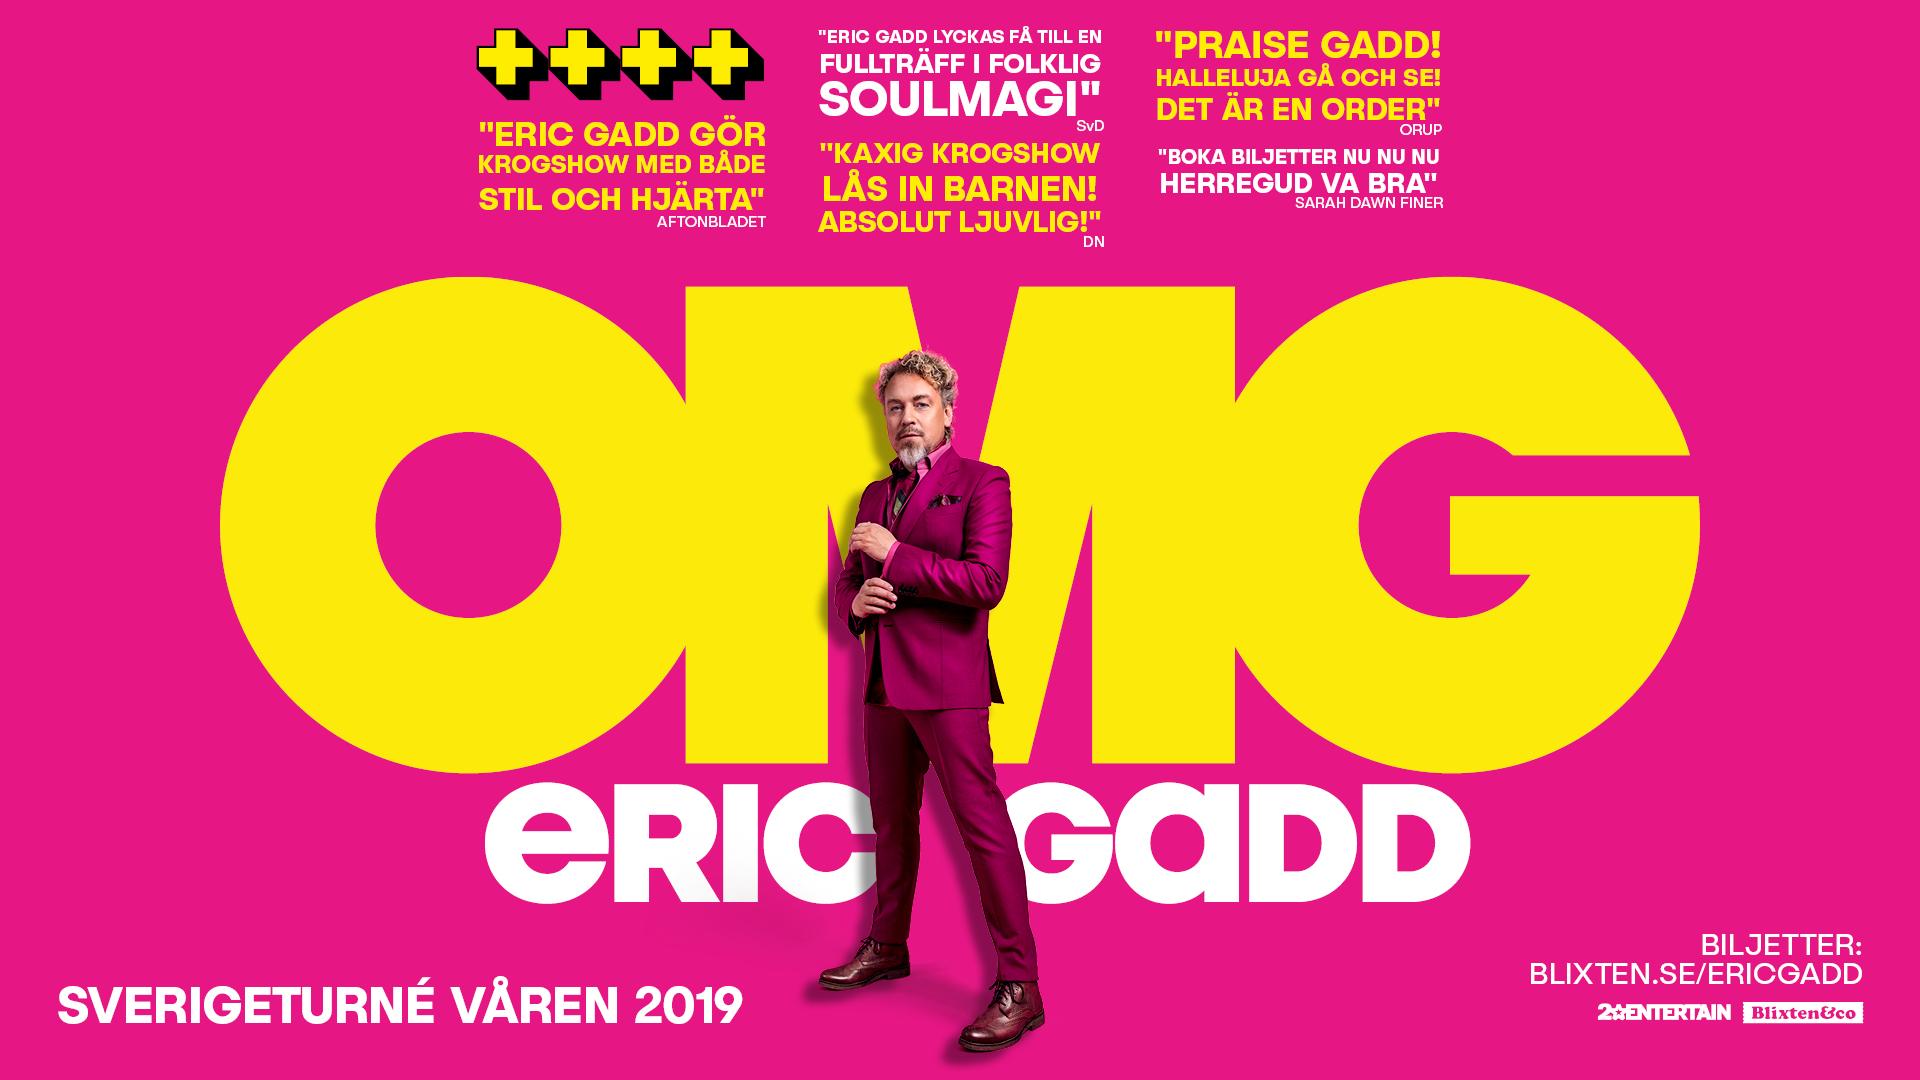 ERIC GADD - OMG - krogshow Göteborg